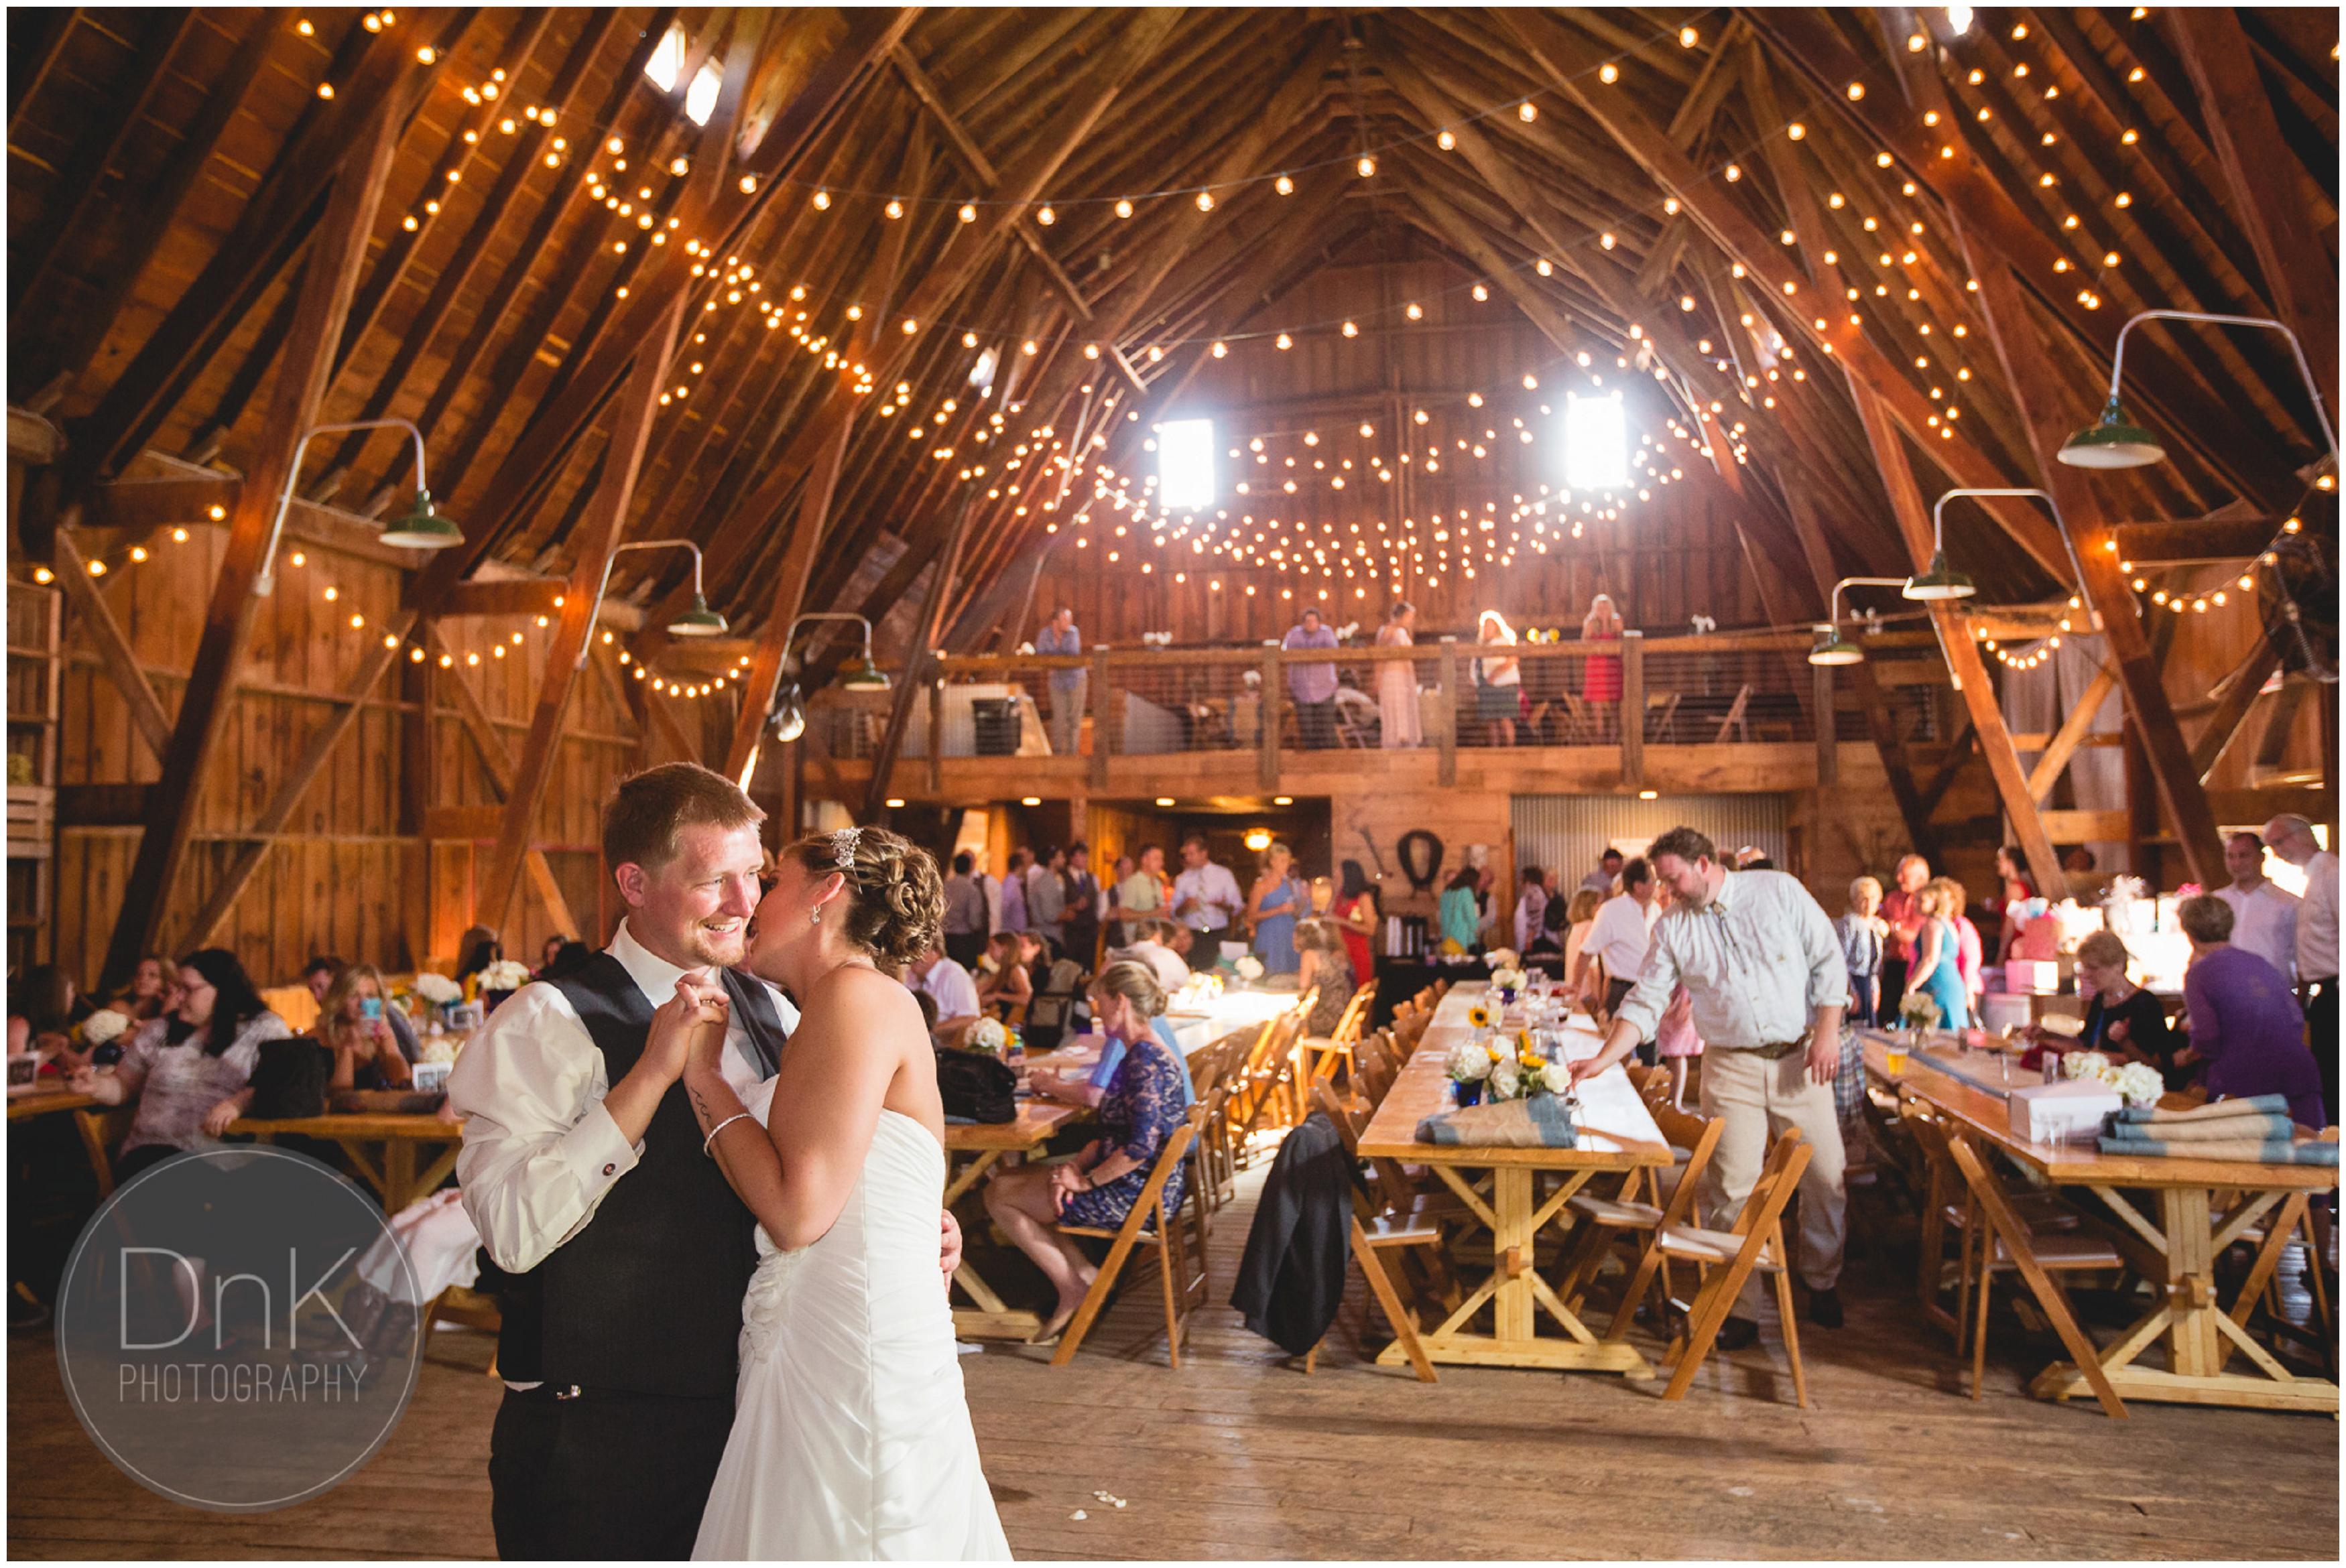 32- Dellwood Barn Wedding Reception